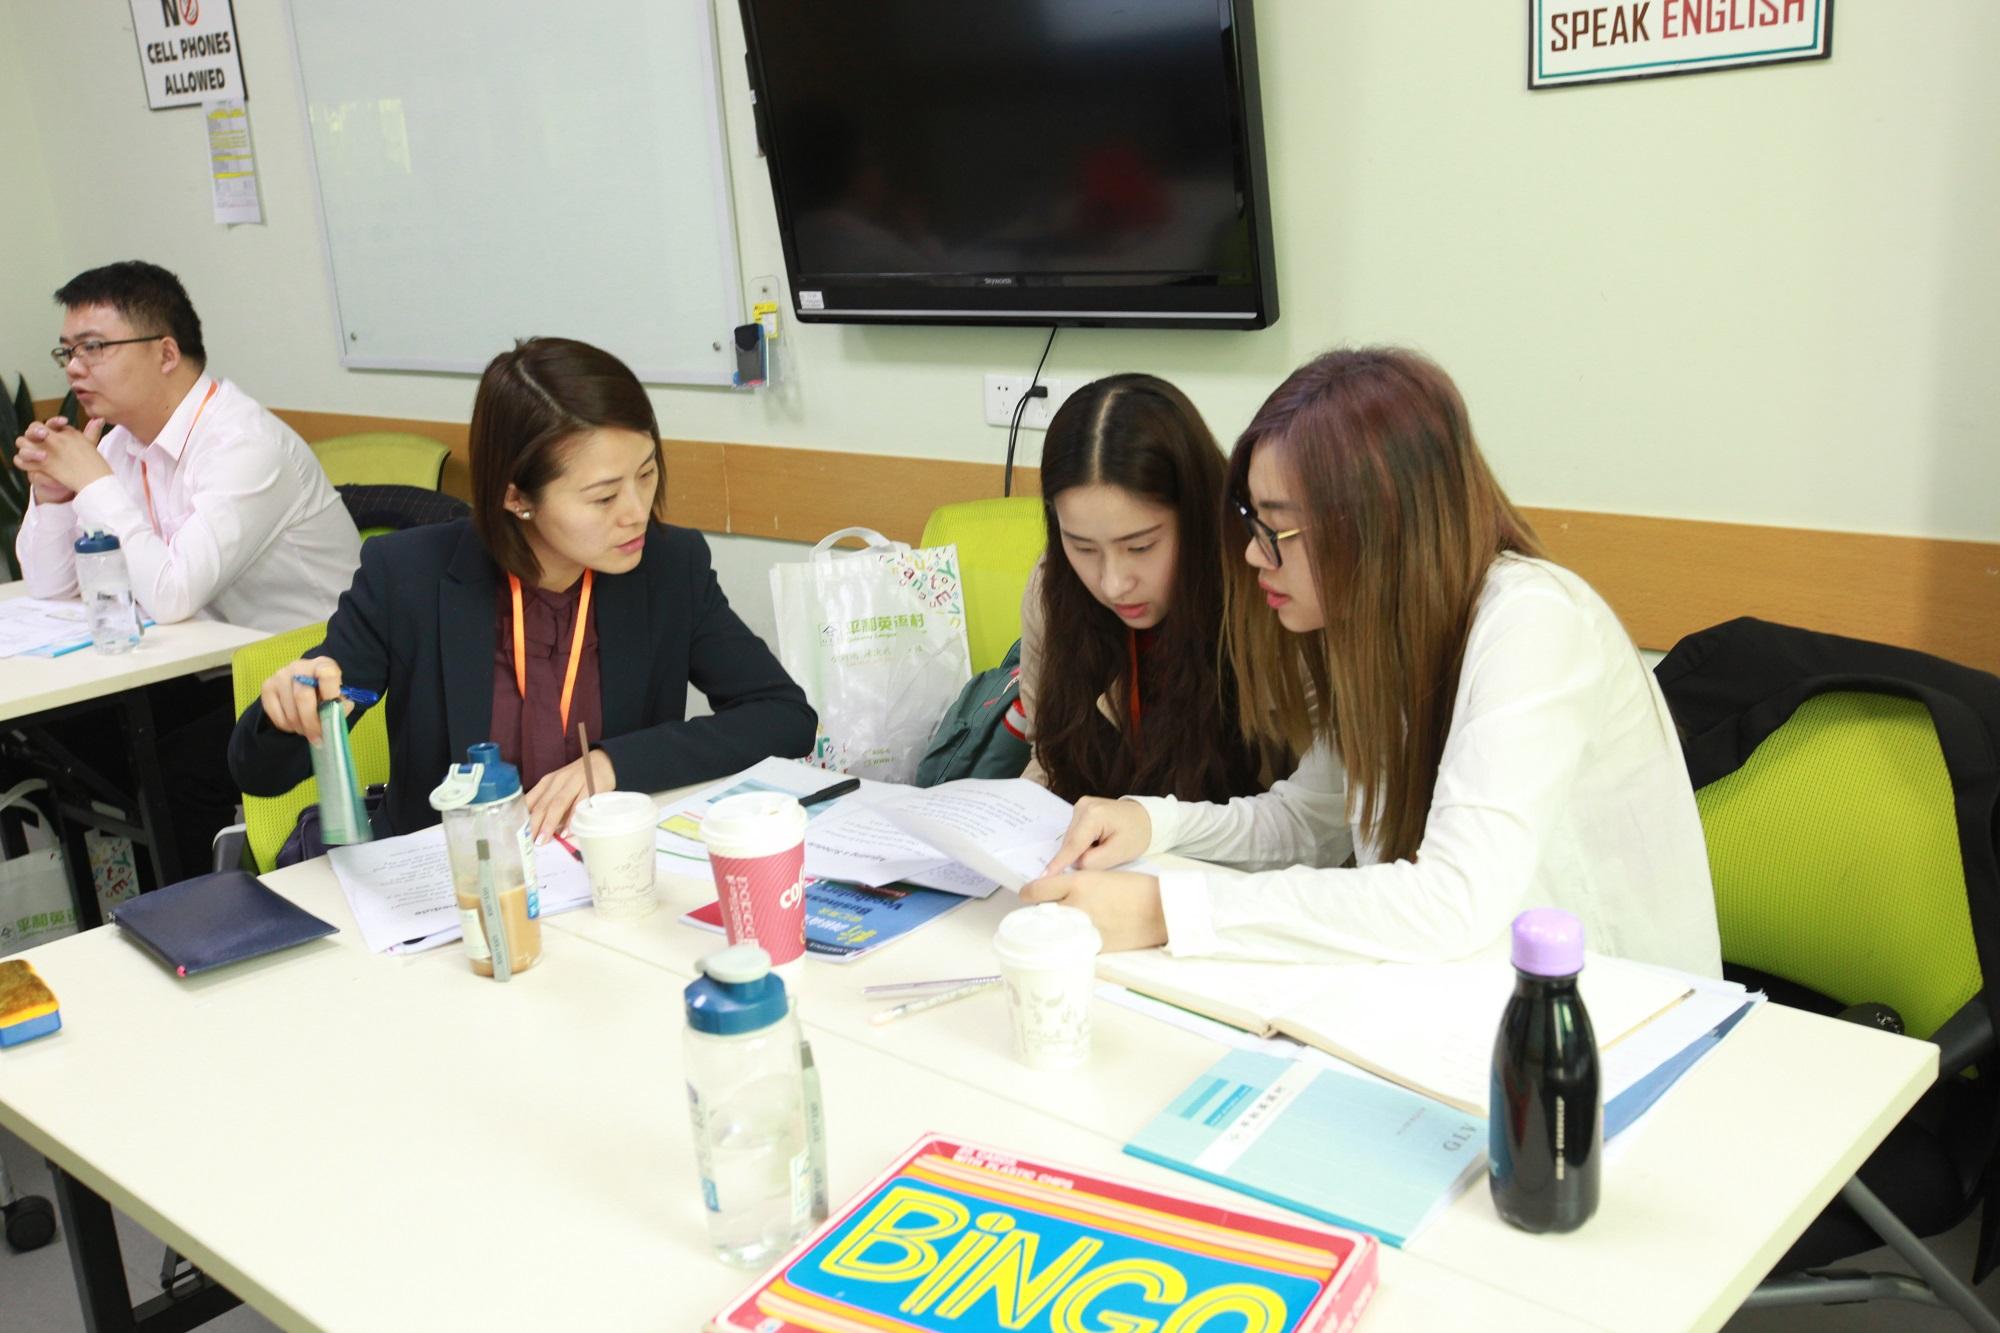 珠海英语口语培训班_如何选择成人英语口语培训机构? - 平和英语村-问答平台